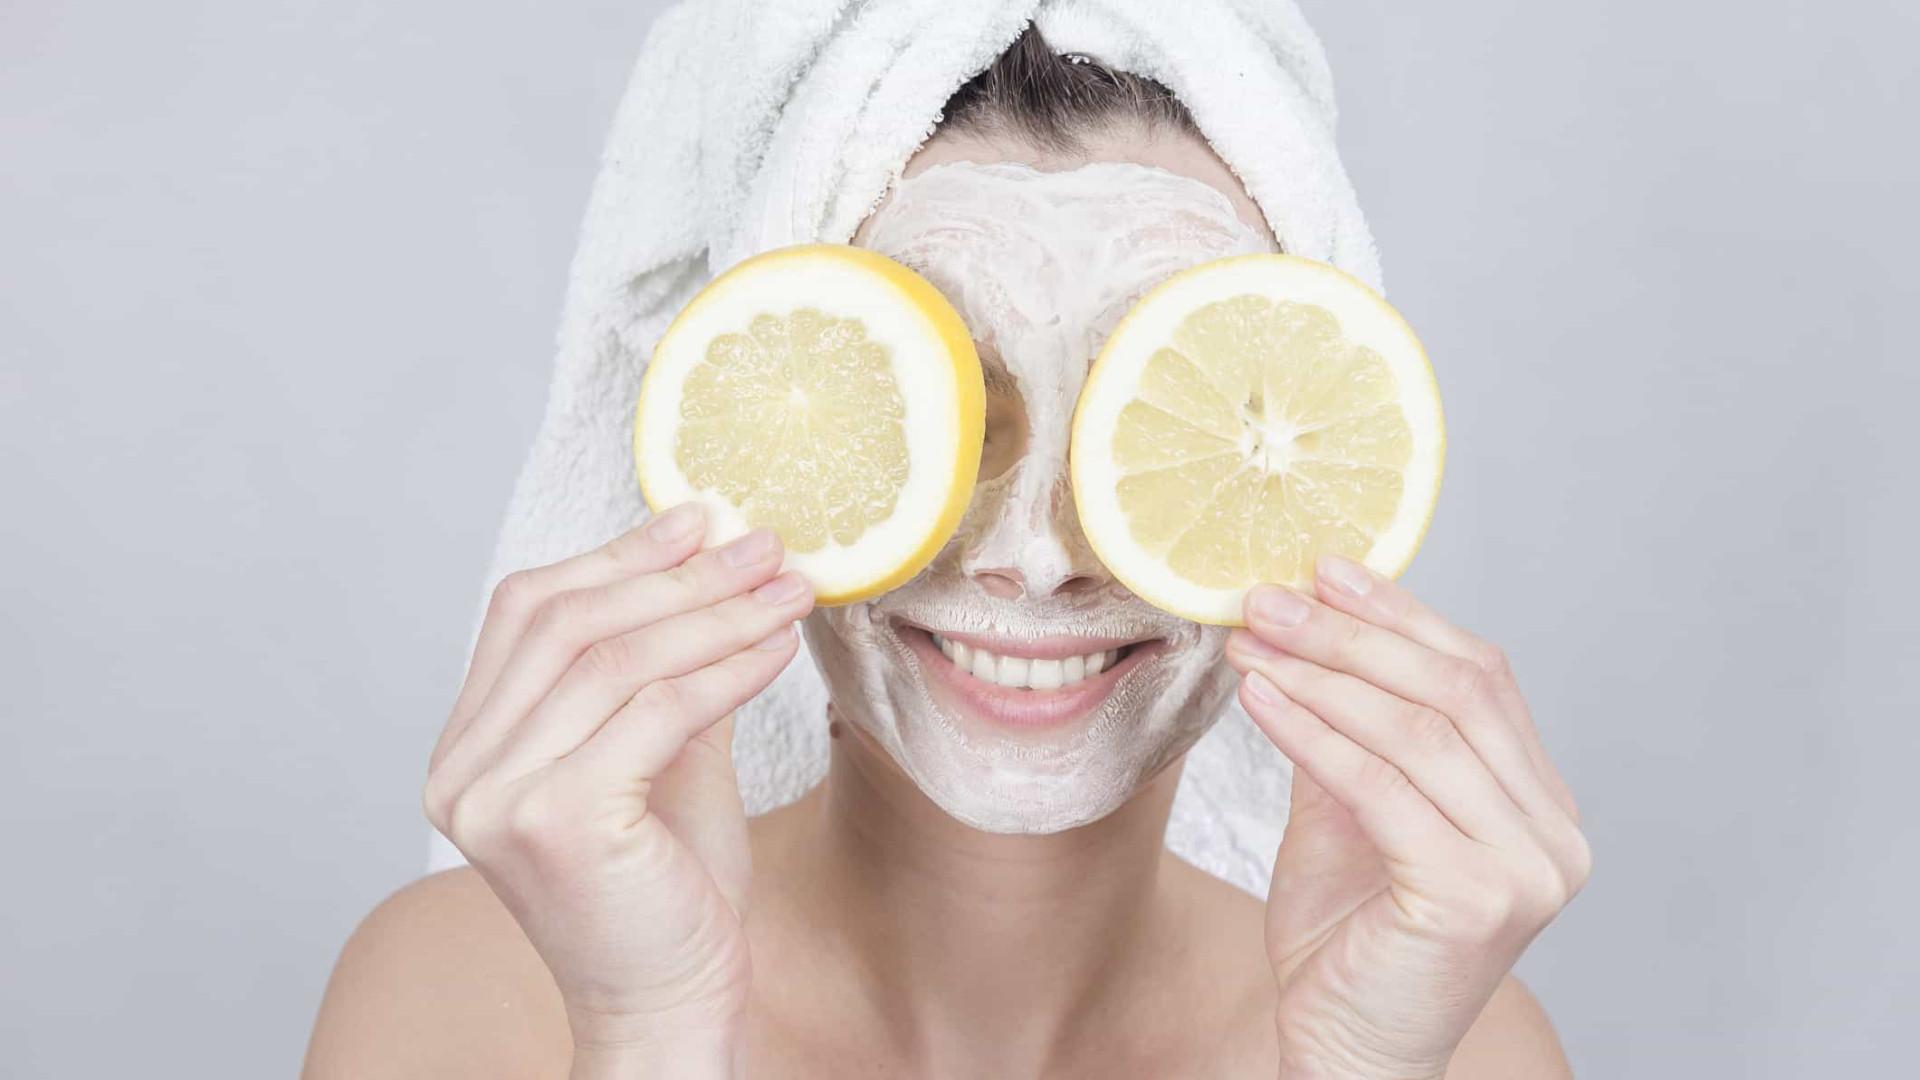 Máscara de Limão: a receita caseira para que pareça mais jovem